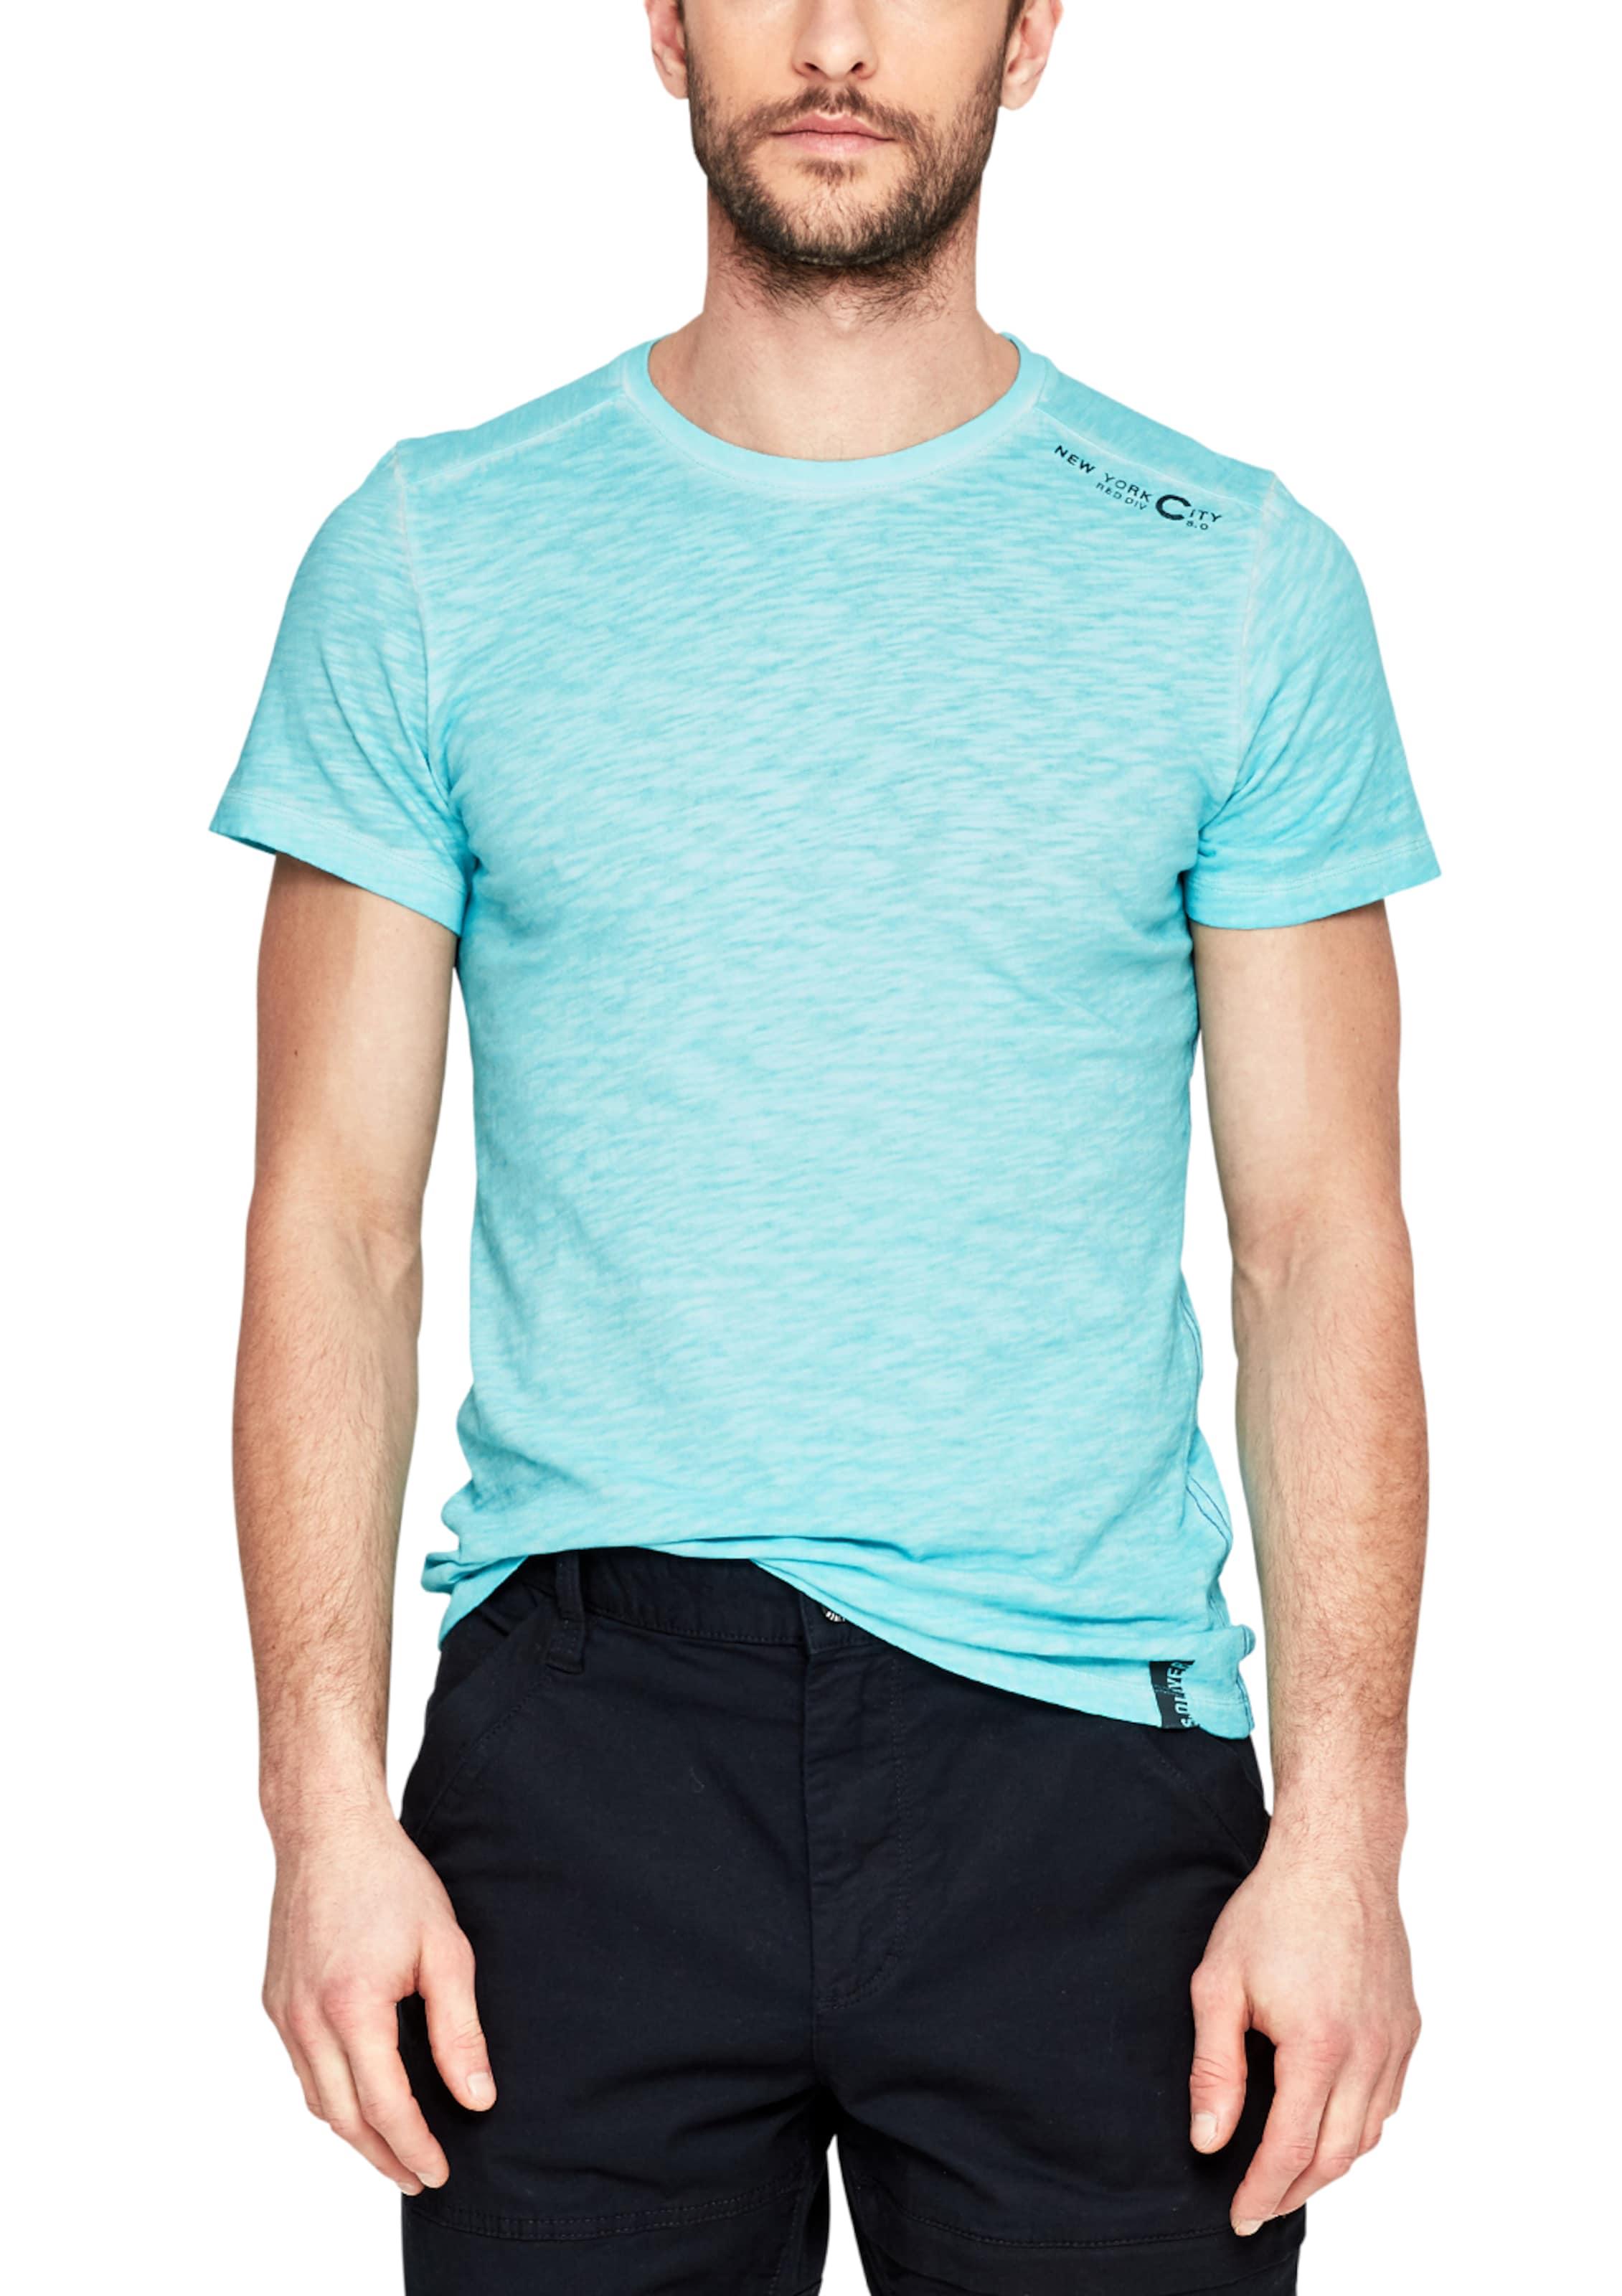 Günstig Kaufen Sammlungen Kaufen Sie Günstig Online Preis s.Oliver RED LABEL Slim: Slub-Shirt in Pigment Dye-Optik Günstig Kaufen Mode-Stil 1qKmRu